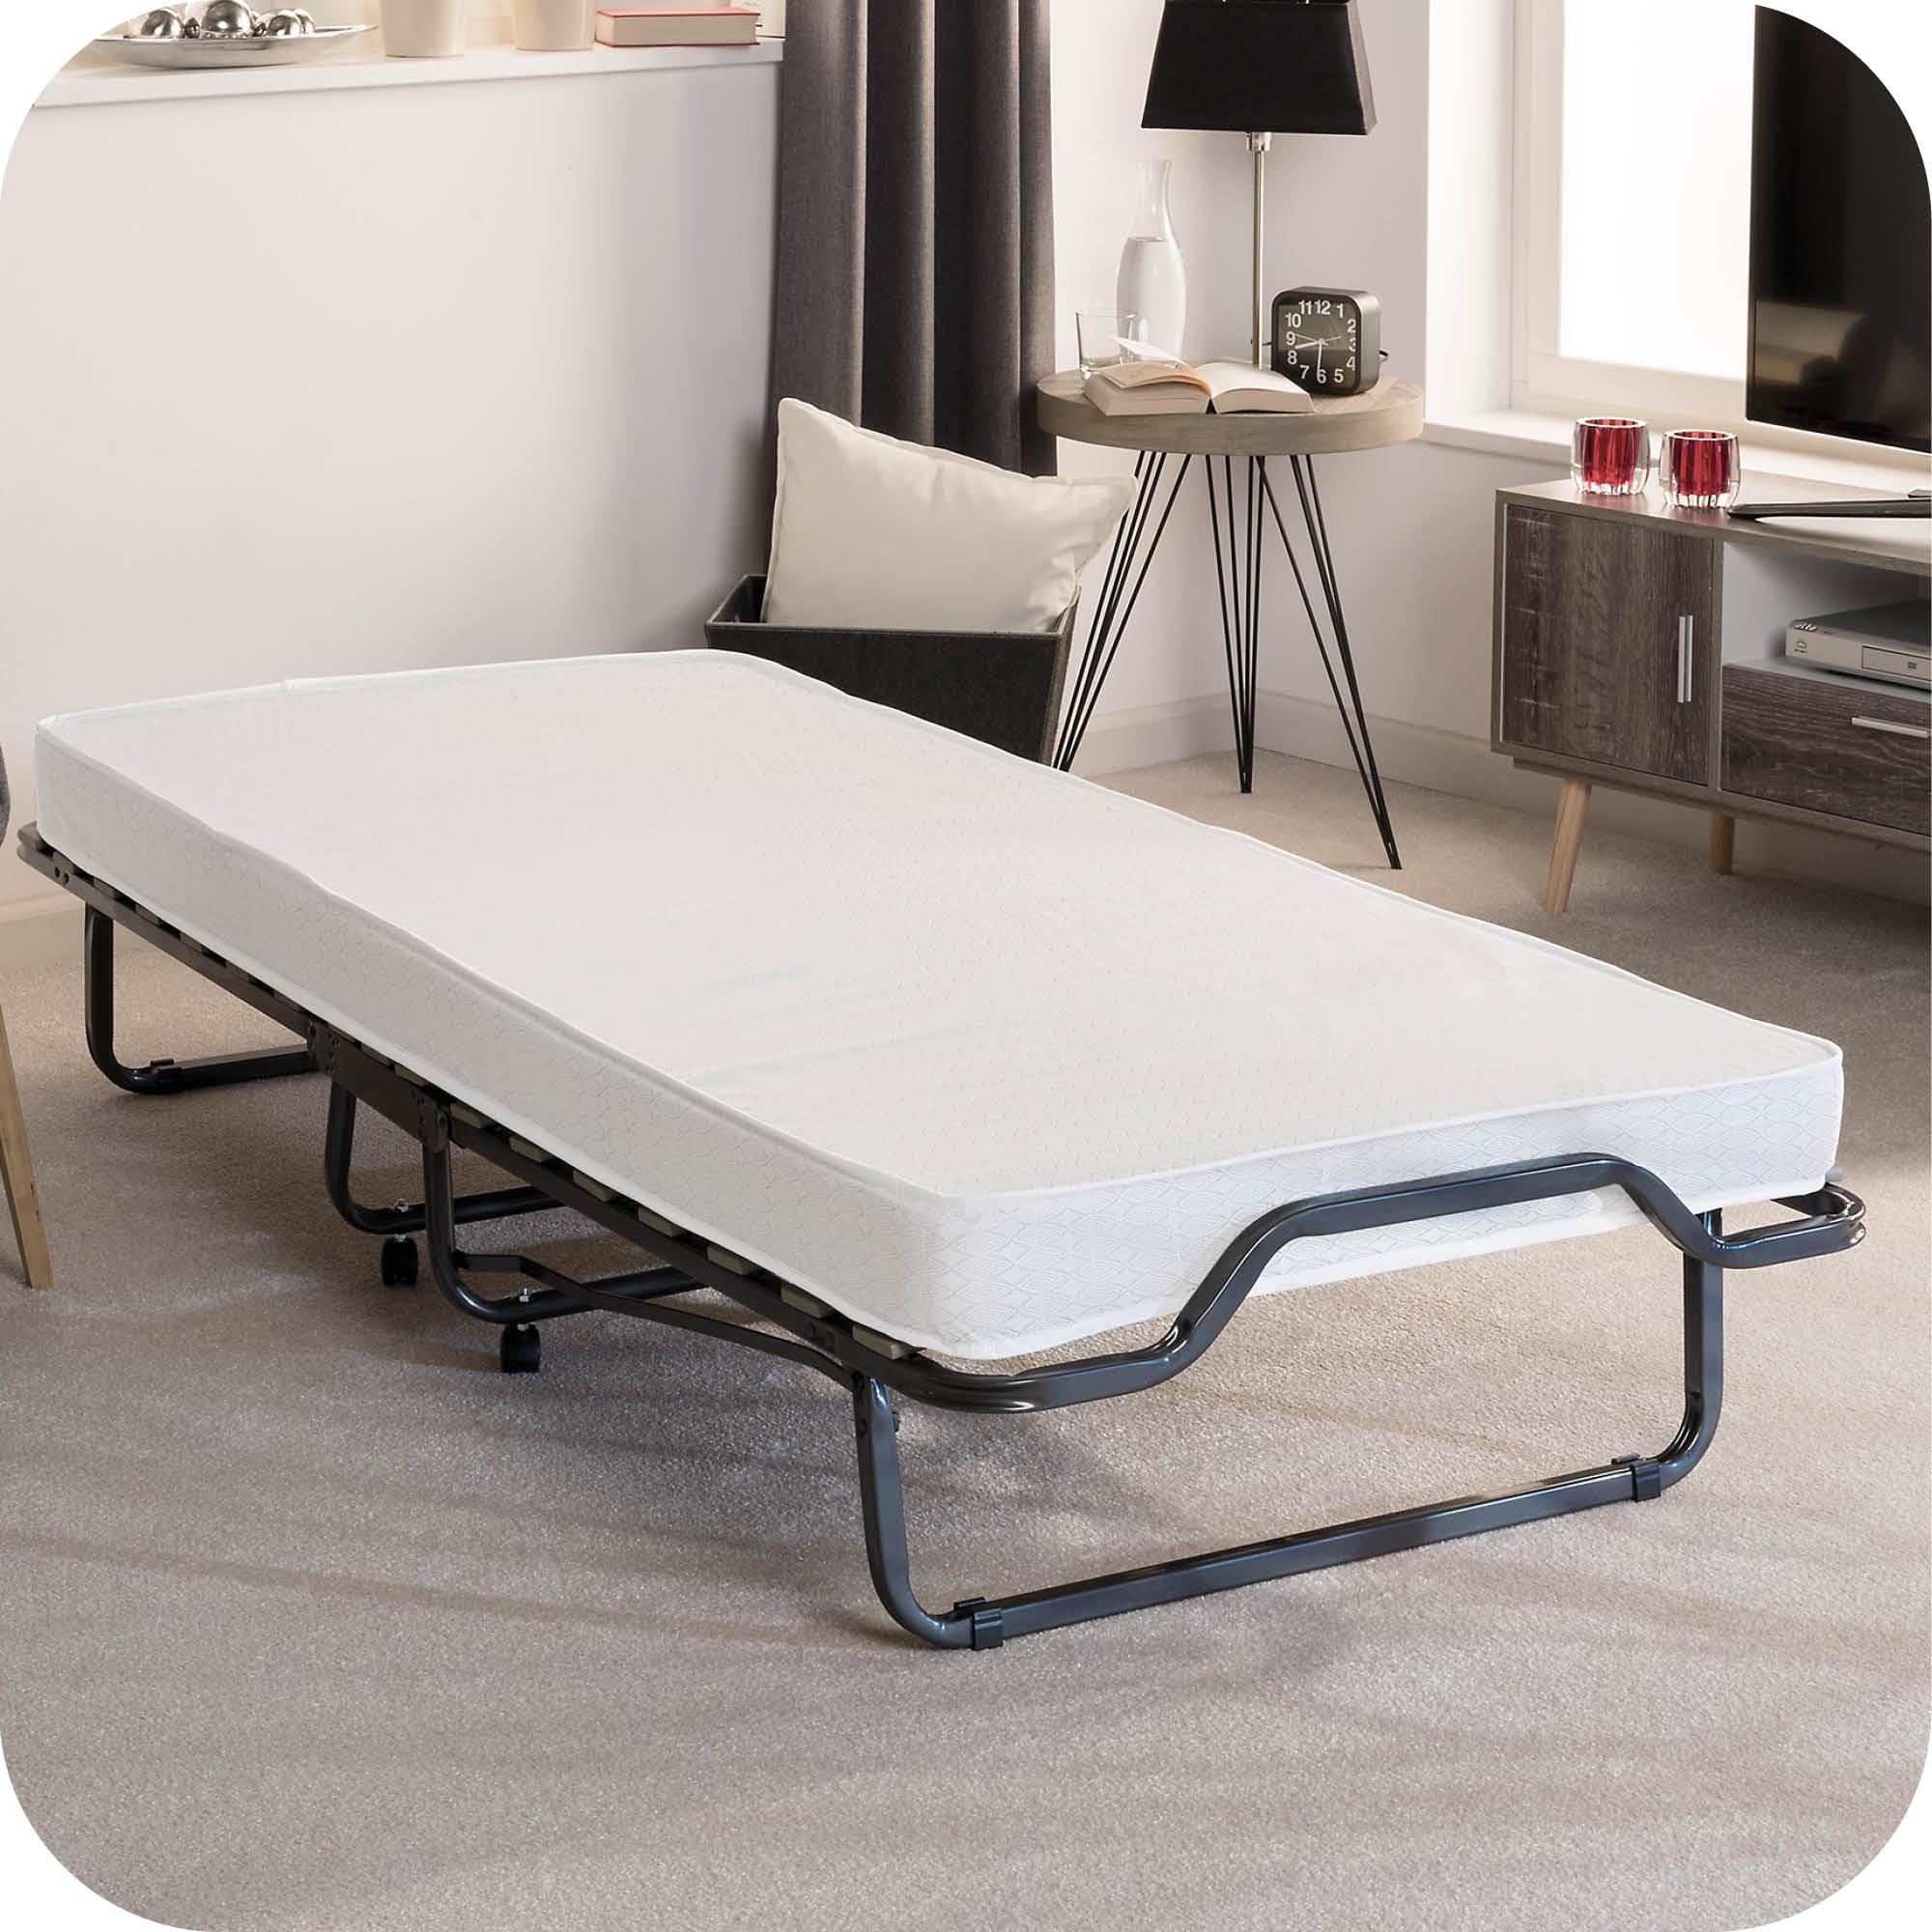 klappbett g stebett 90x200 80x200 klappbar g steliege bett. Black Bedroom Furniture Sets. Home Design Ideas